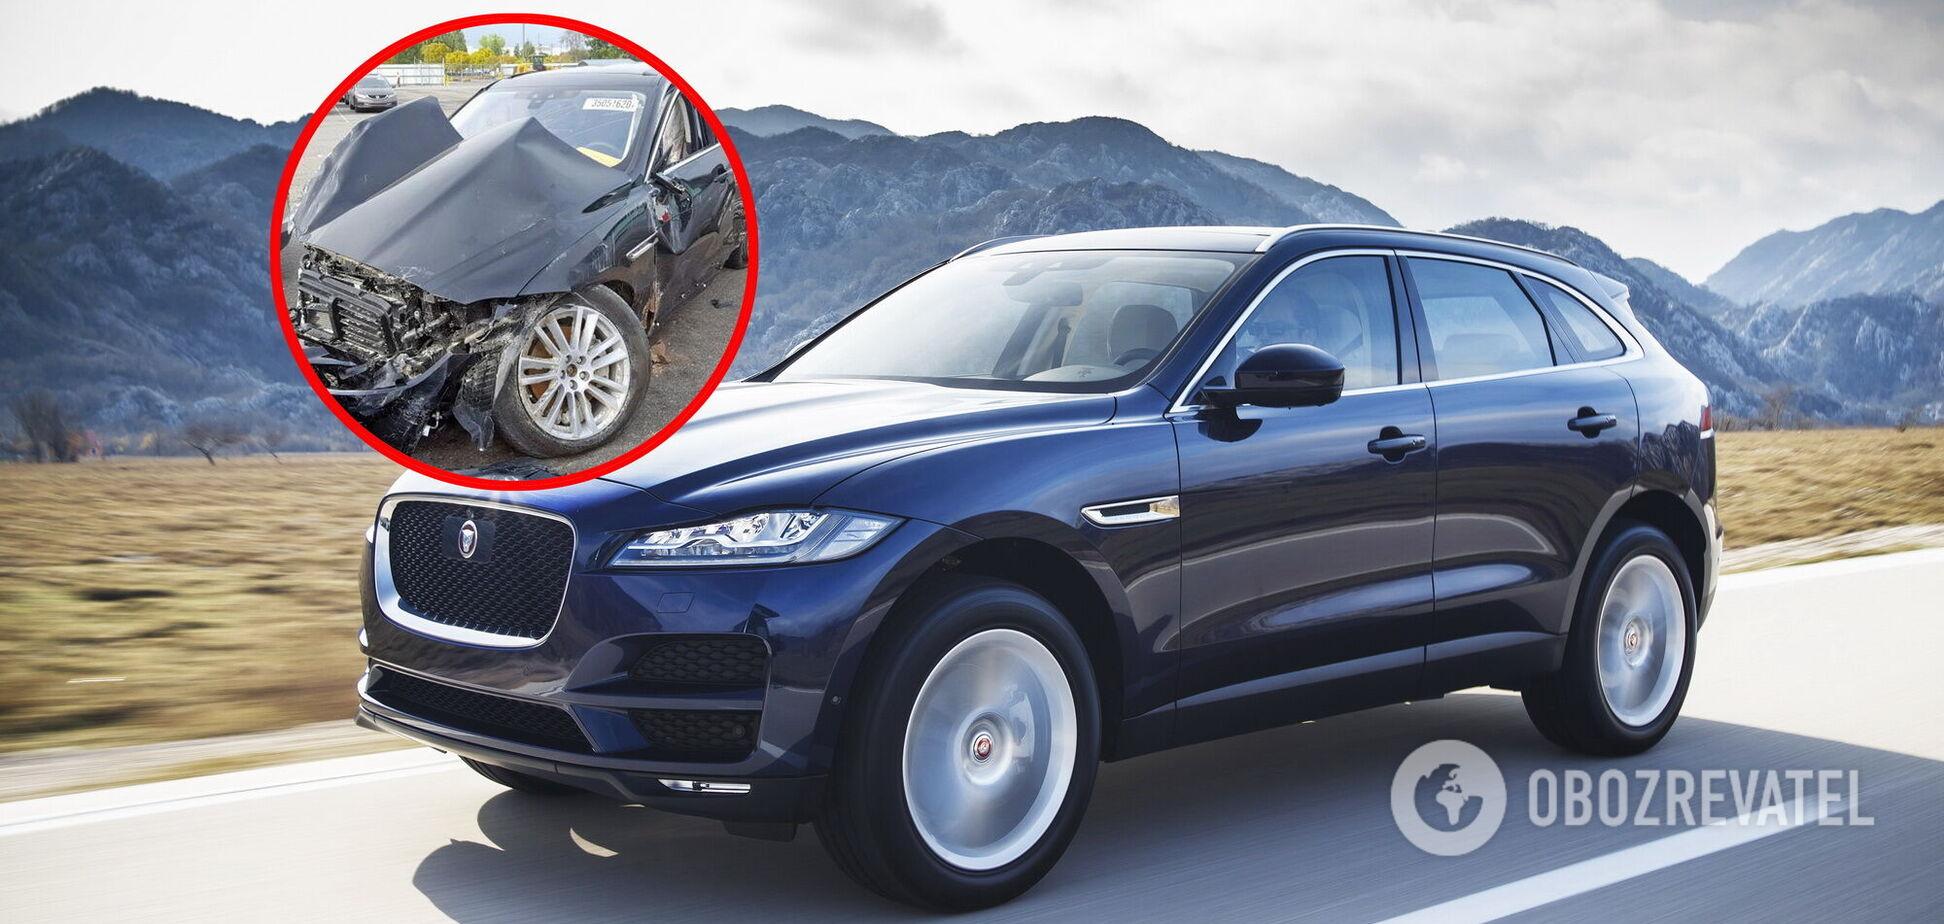 Из металлолома собрали автомобиль и предложили за $28500